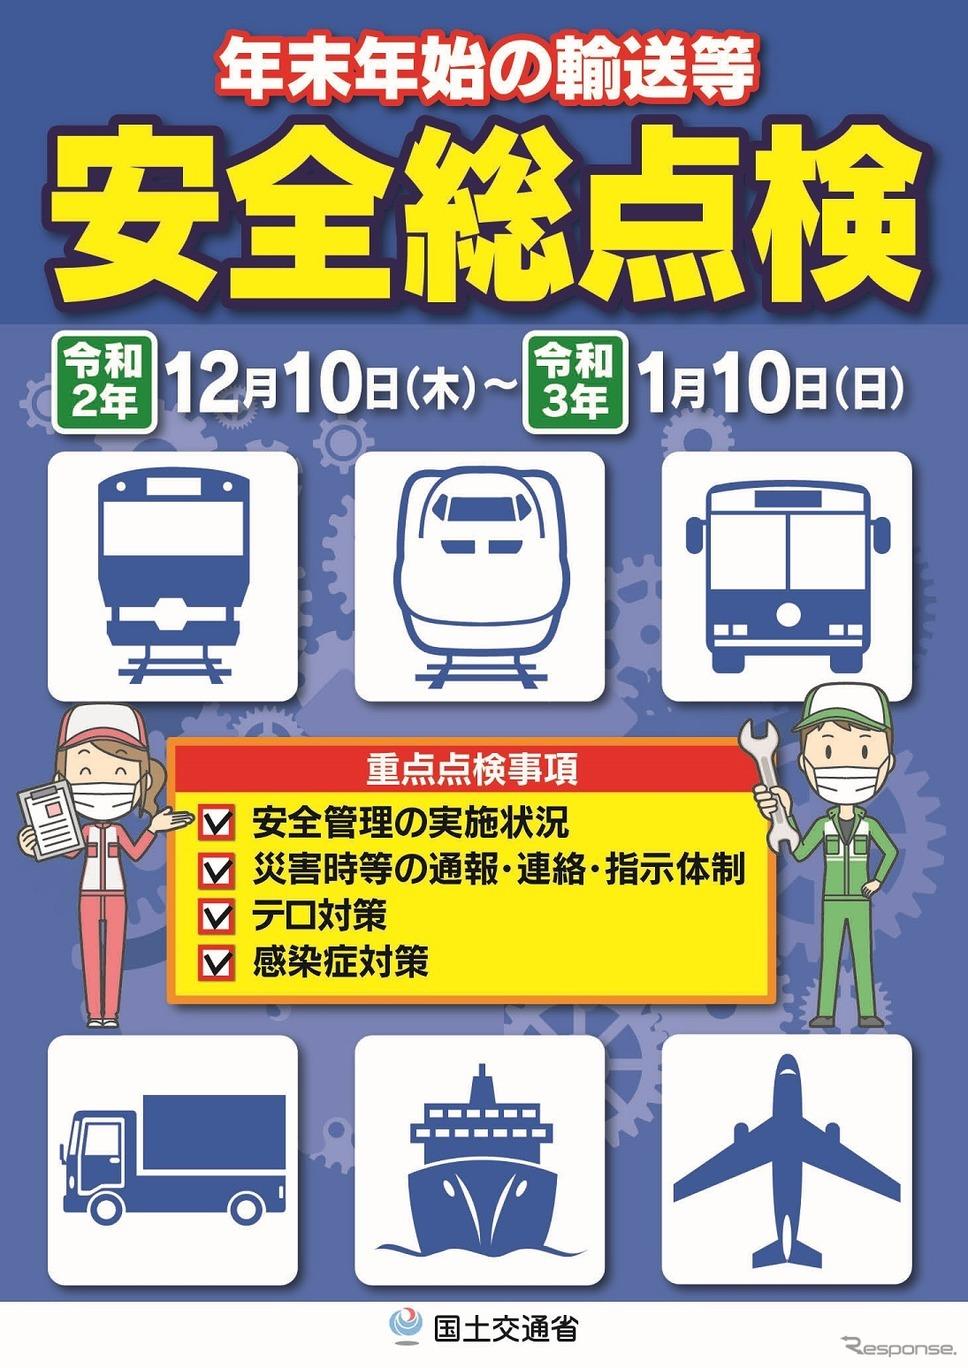 年末年始の輸送等に関する安全総点検《画像提供 国土交通省》